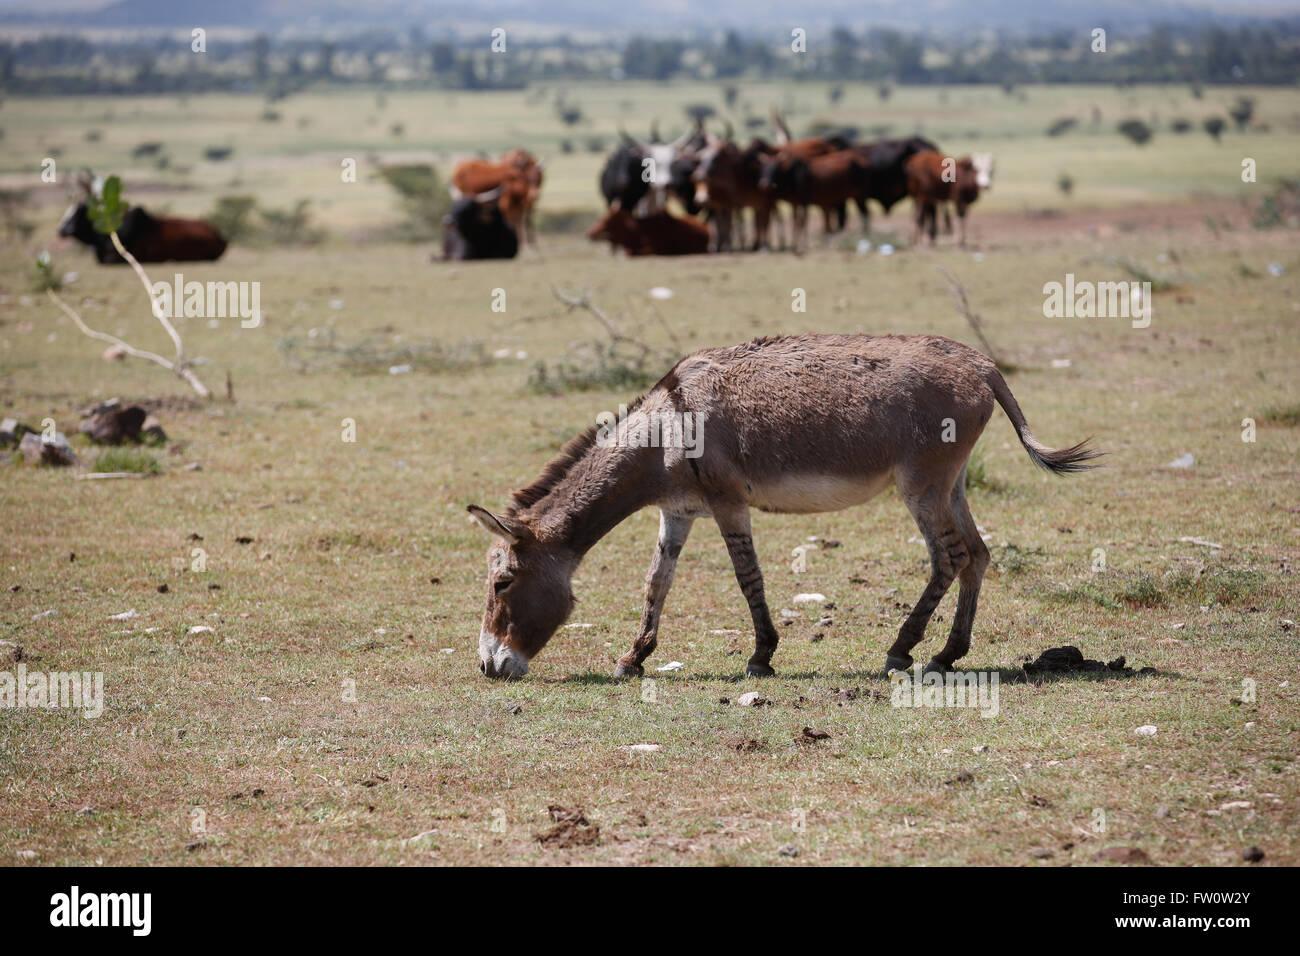 Entre Mojo y Ziway, Etiopía, Octubre 2013: Kumar, de 42 años, pastos propios y su prójimo animal. Imagen De Stock